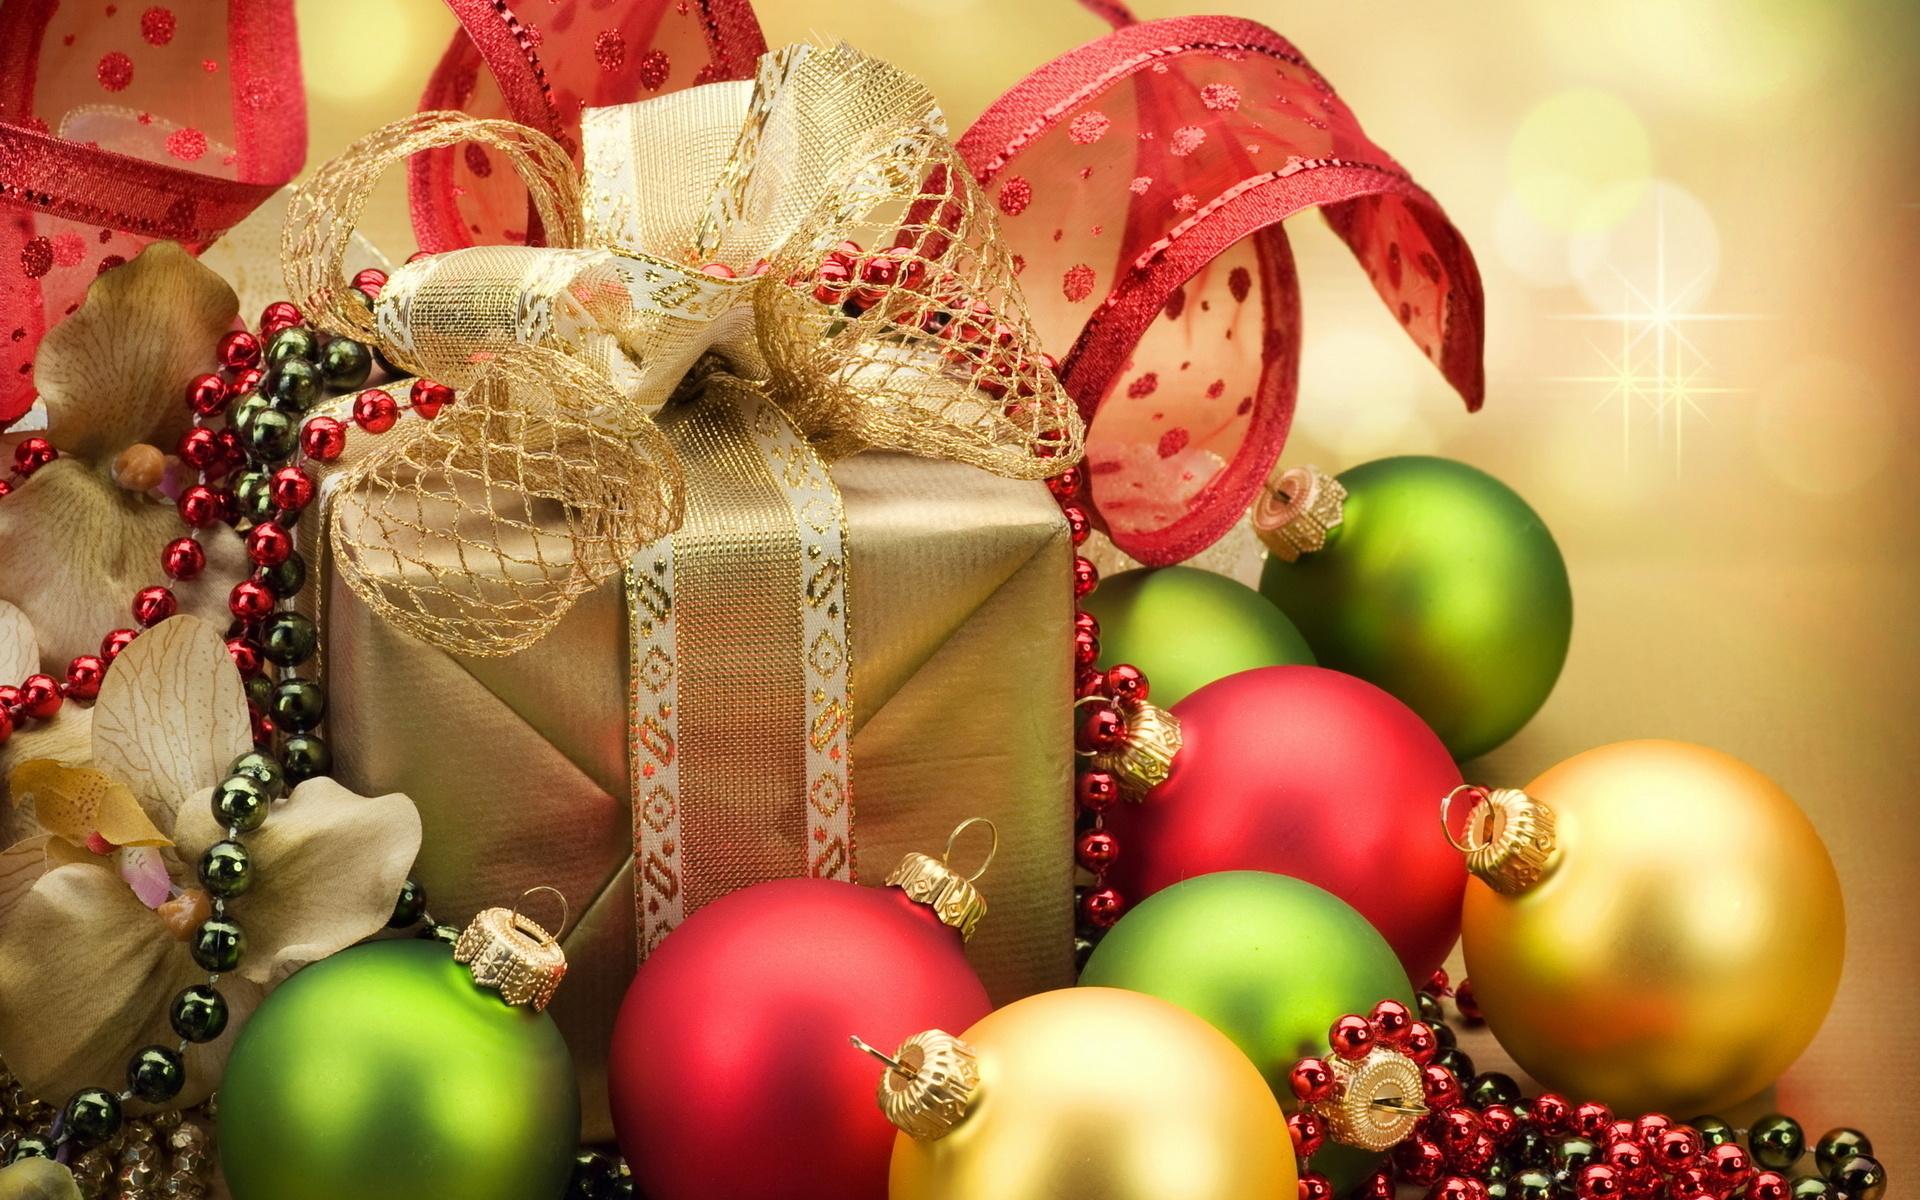 шары, подарки, новый год, бижутерия,бусы,коробочки,лента